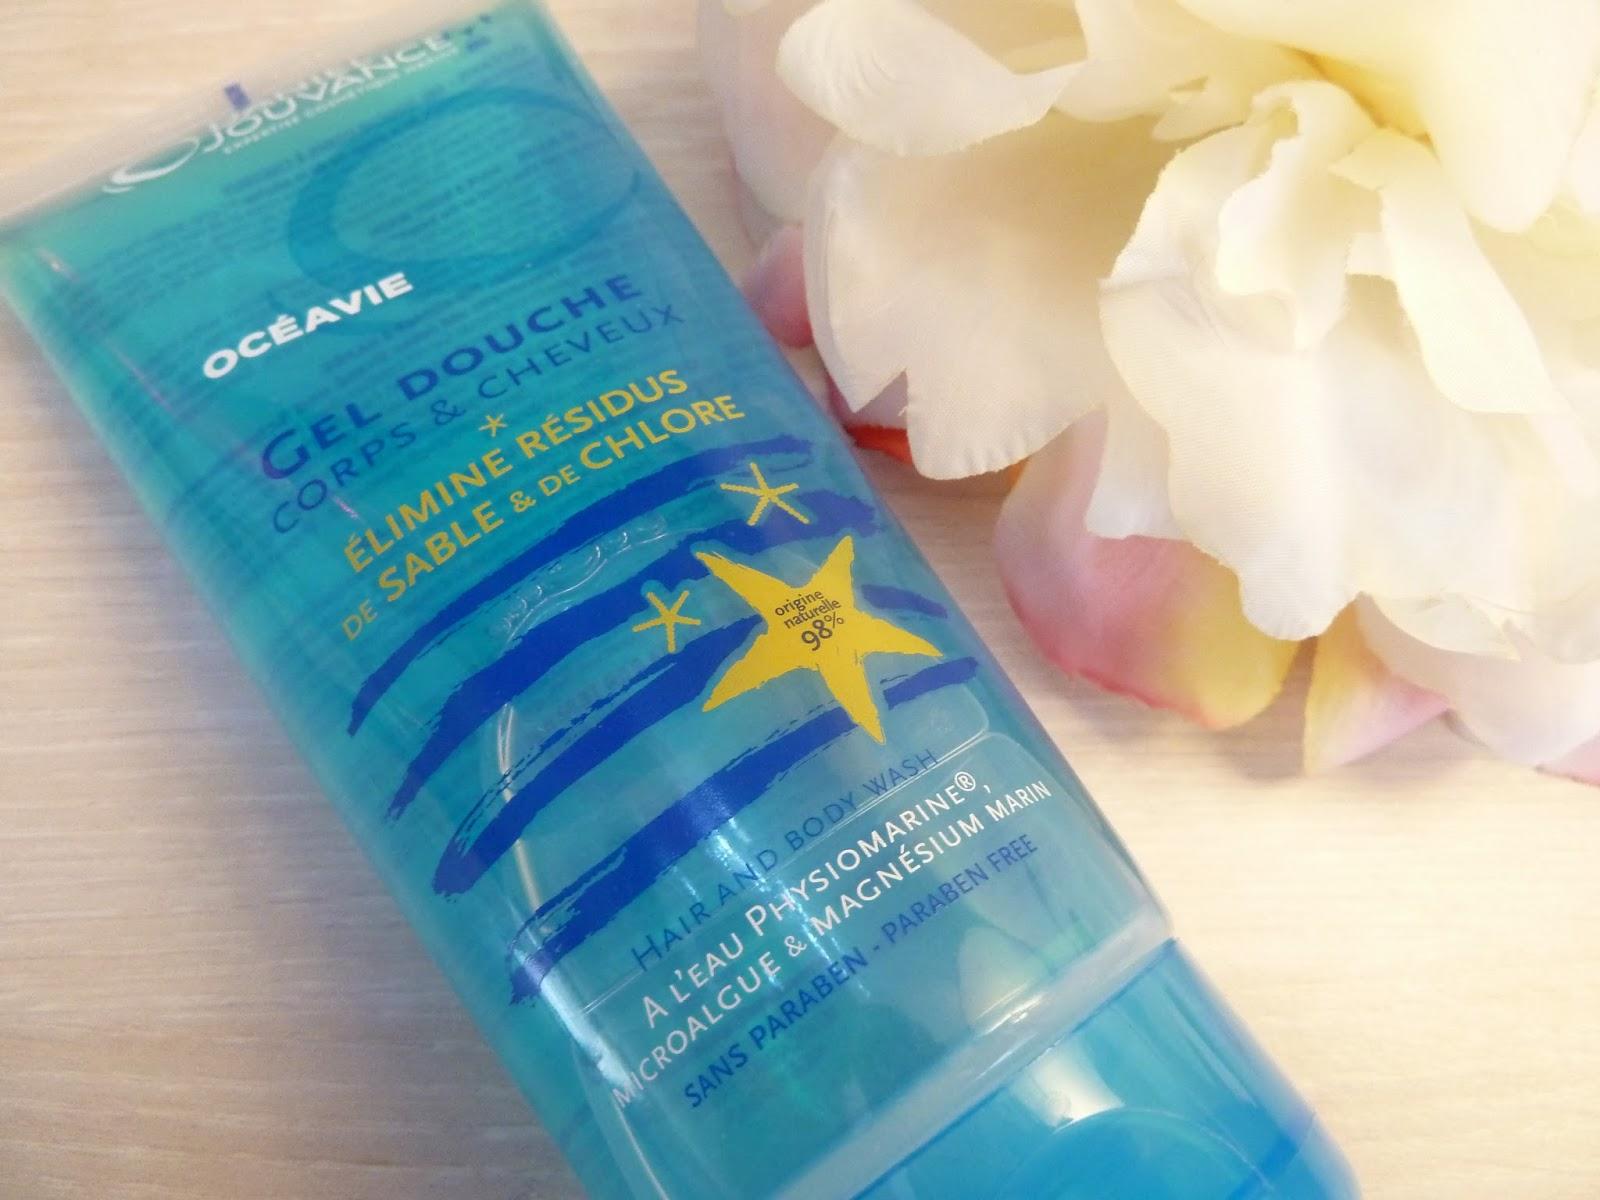 Bain de jouvence avec les soins corporels daniel jouvance - Gel douche sans sodium laureth sulfate ...